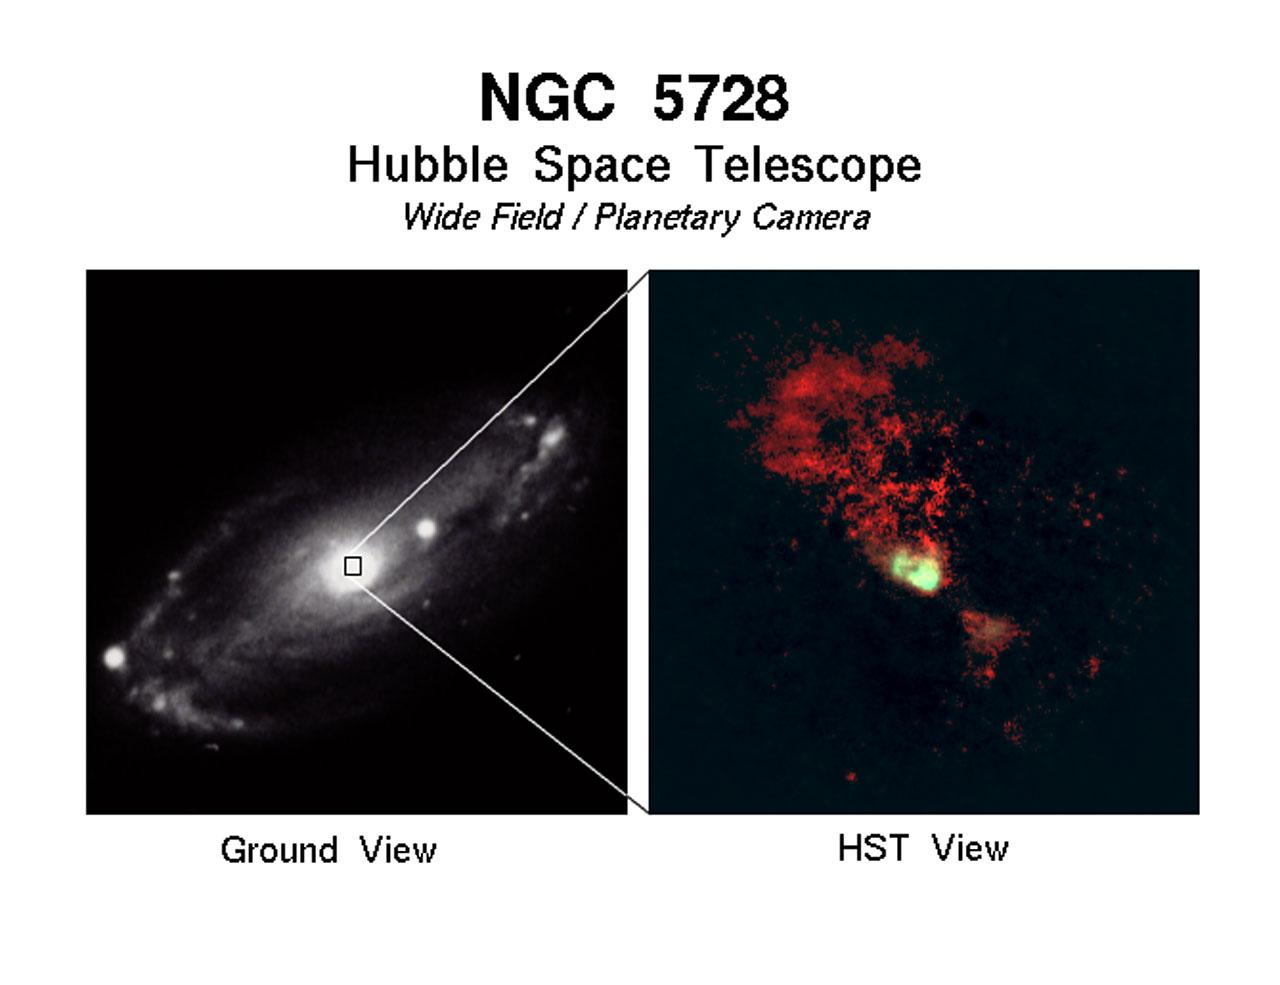 NGC 5728